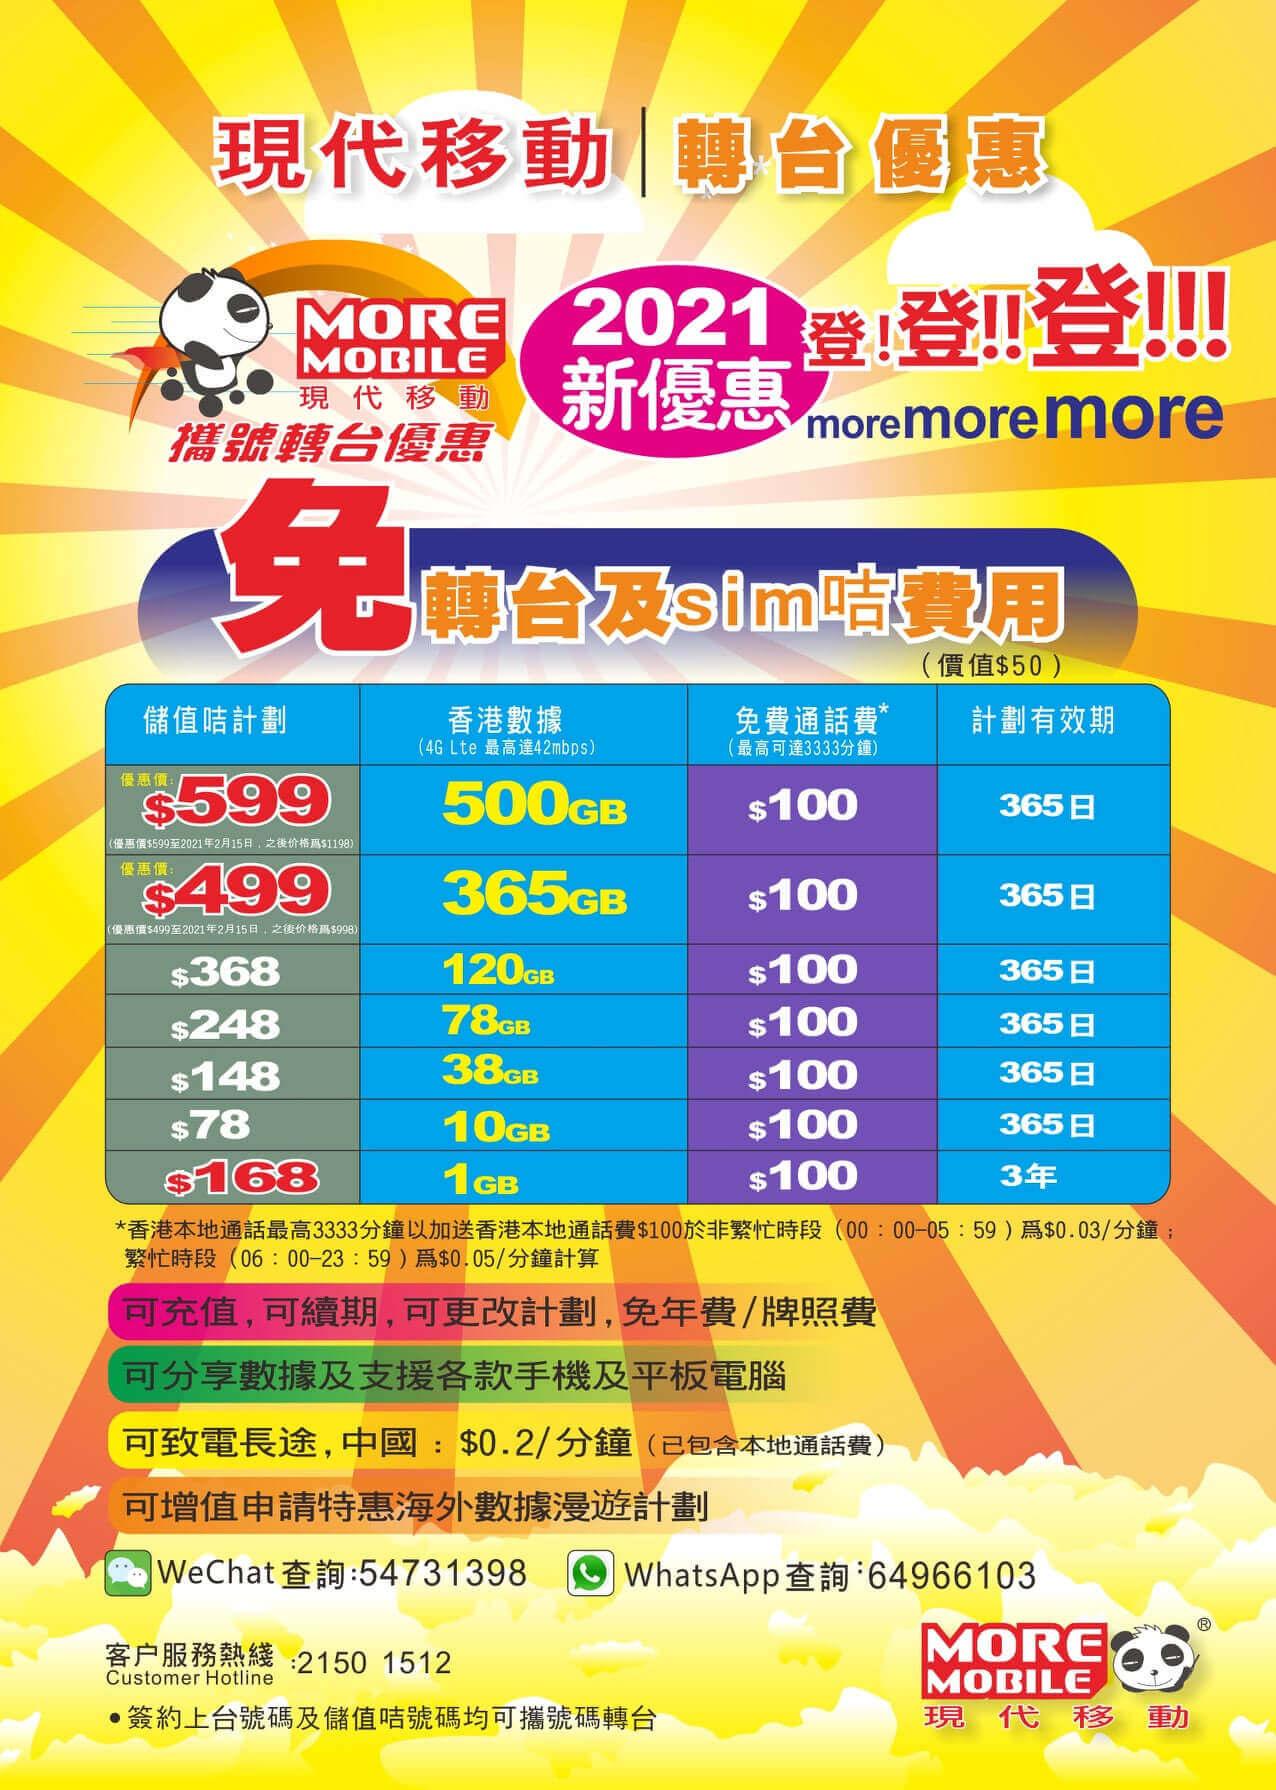 香港のMVNOキャリア、現代移動は500GB使えるプリペイドSIMカードを発売